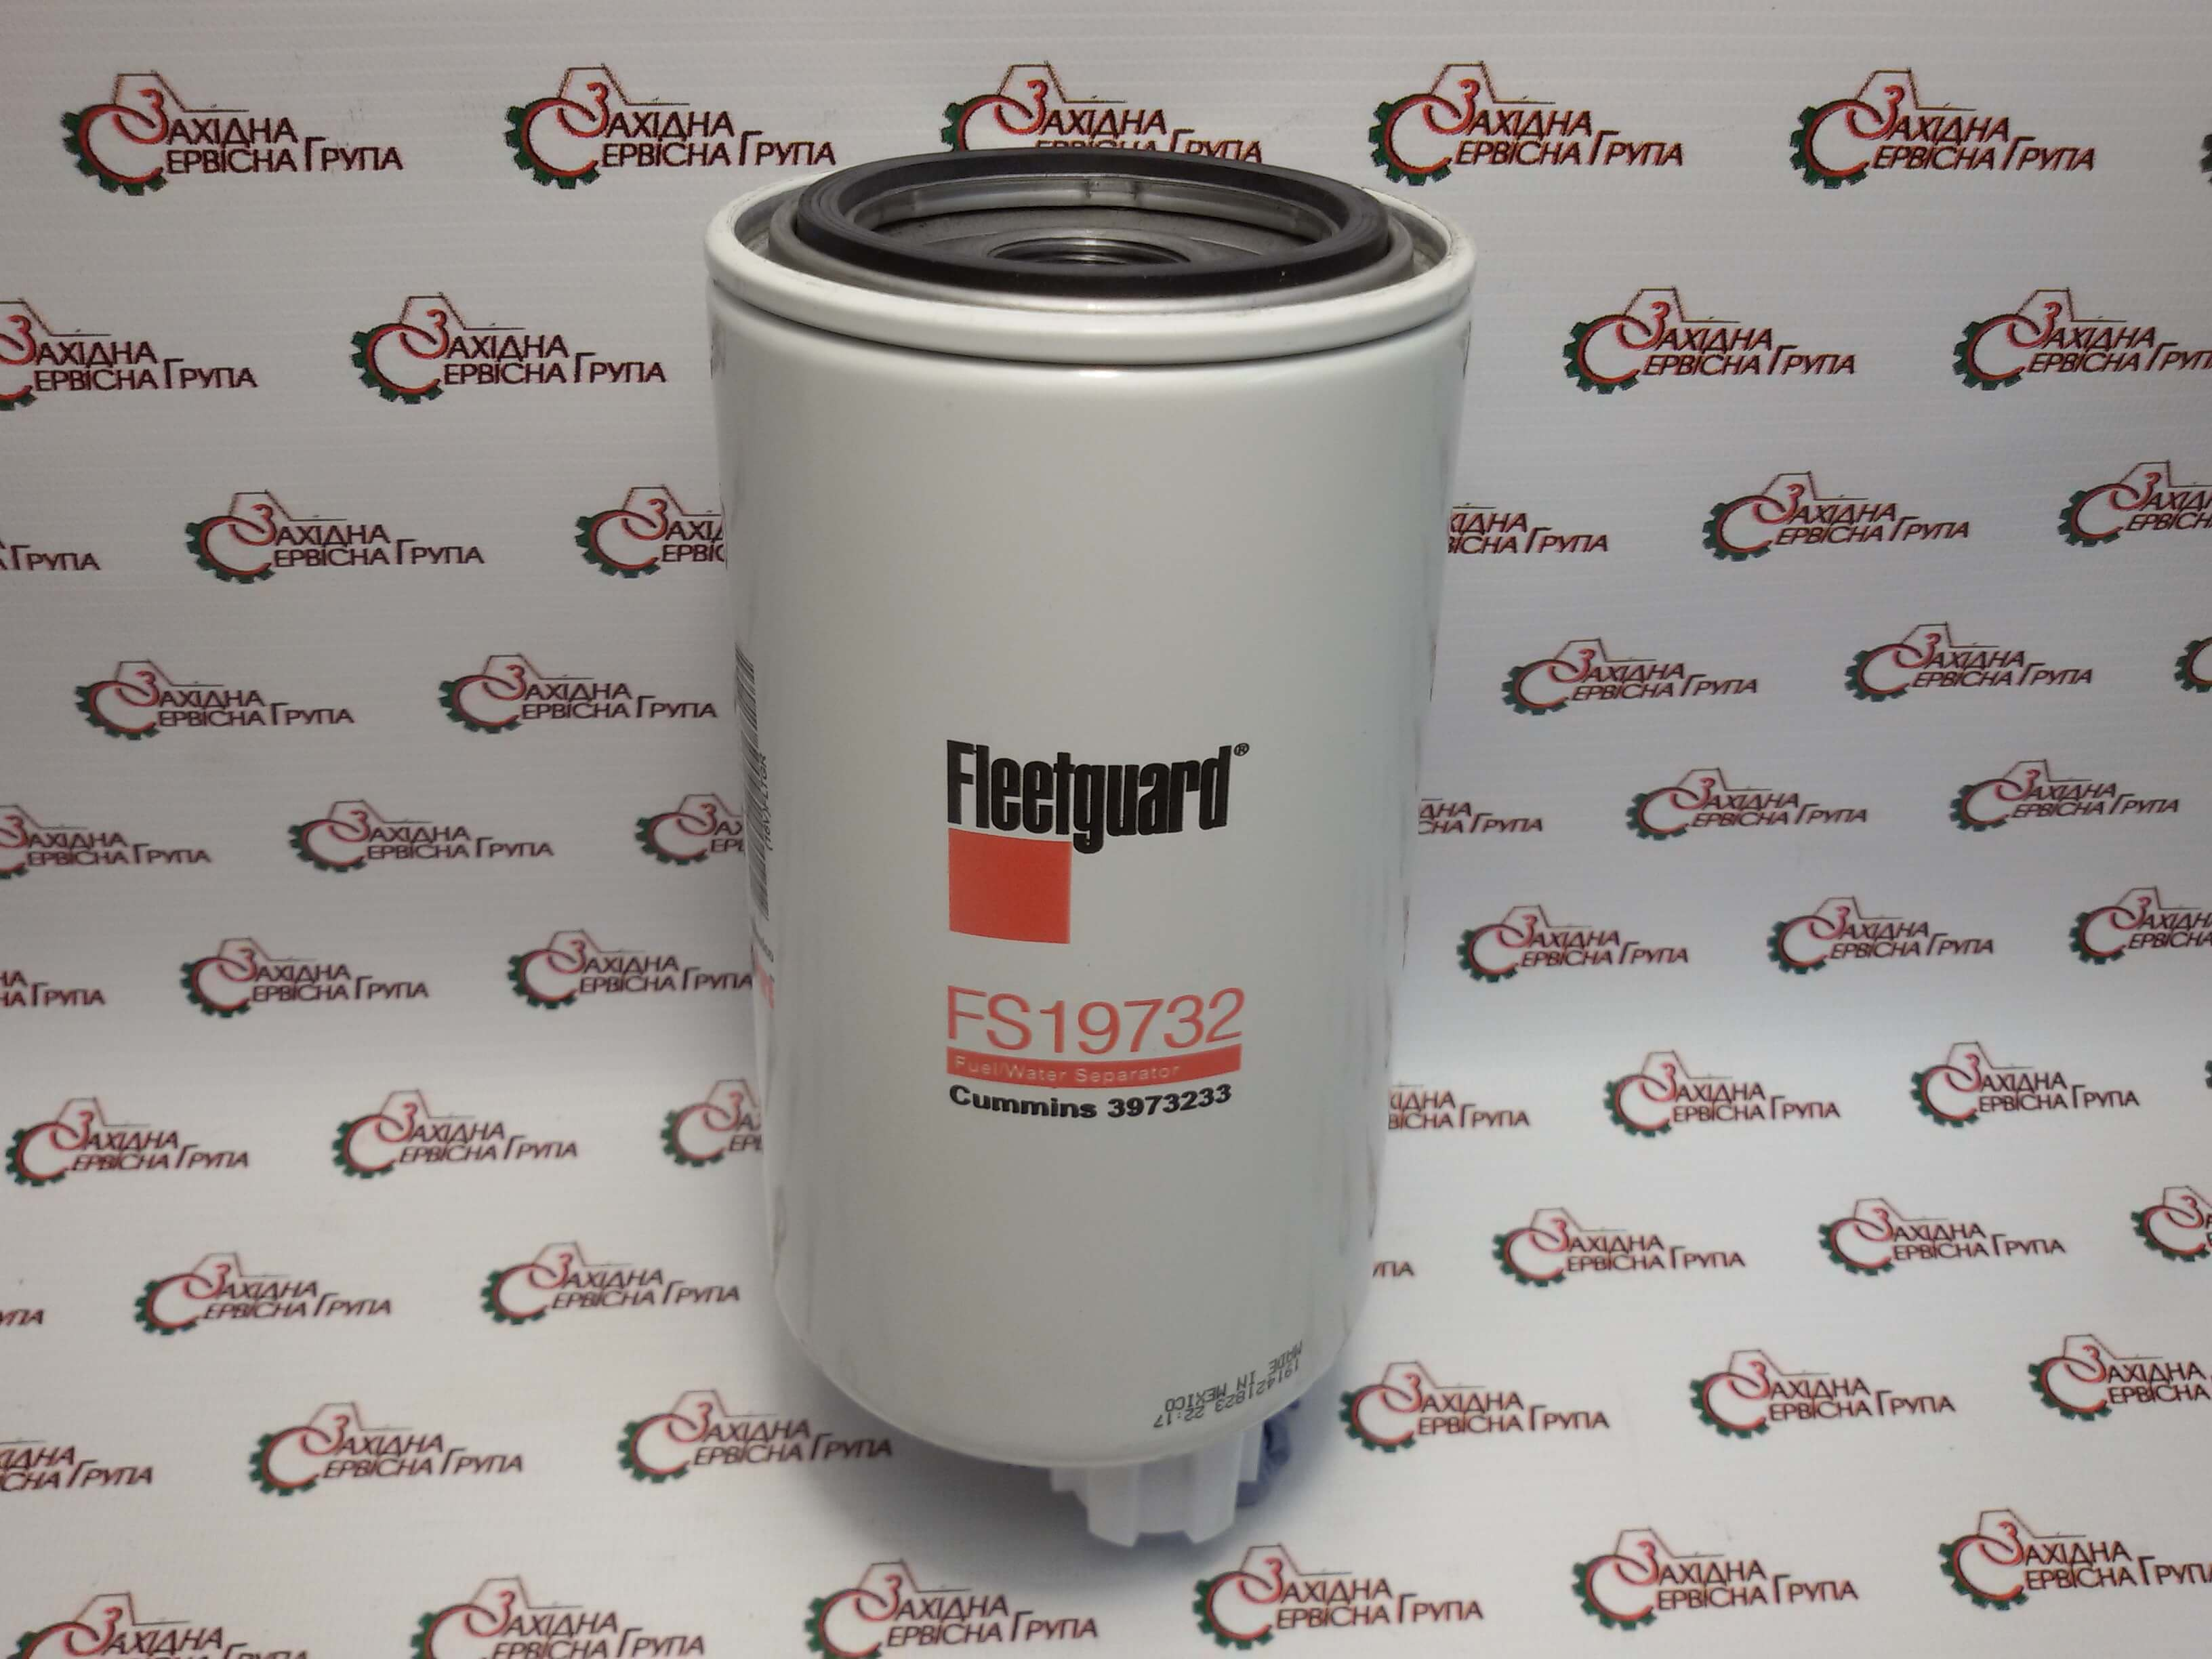 Фільтр паливний Cummins Fleetguard FS19732, 3973233.